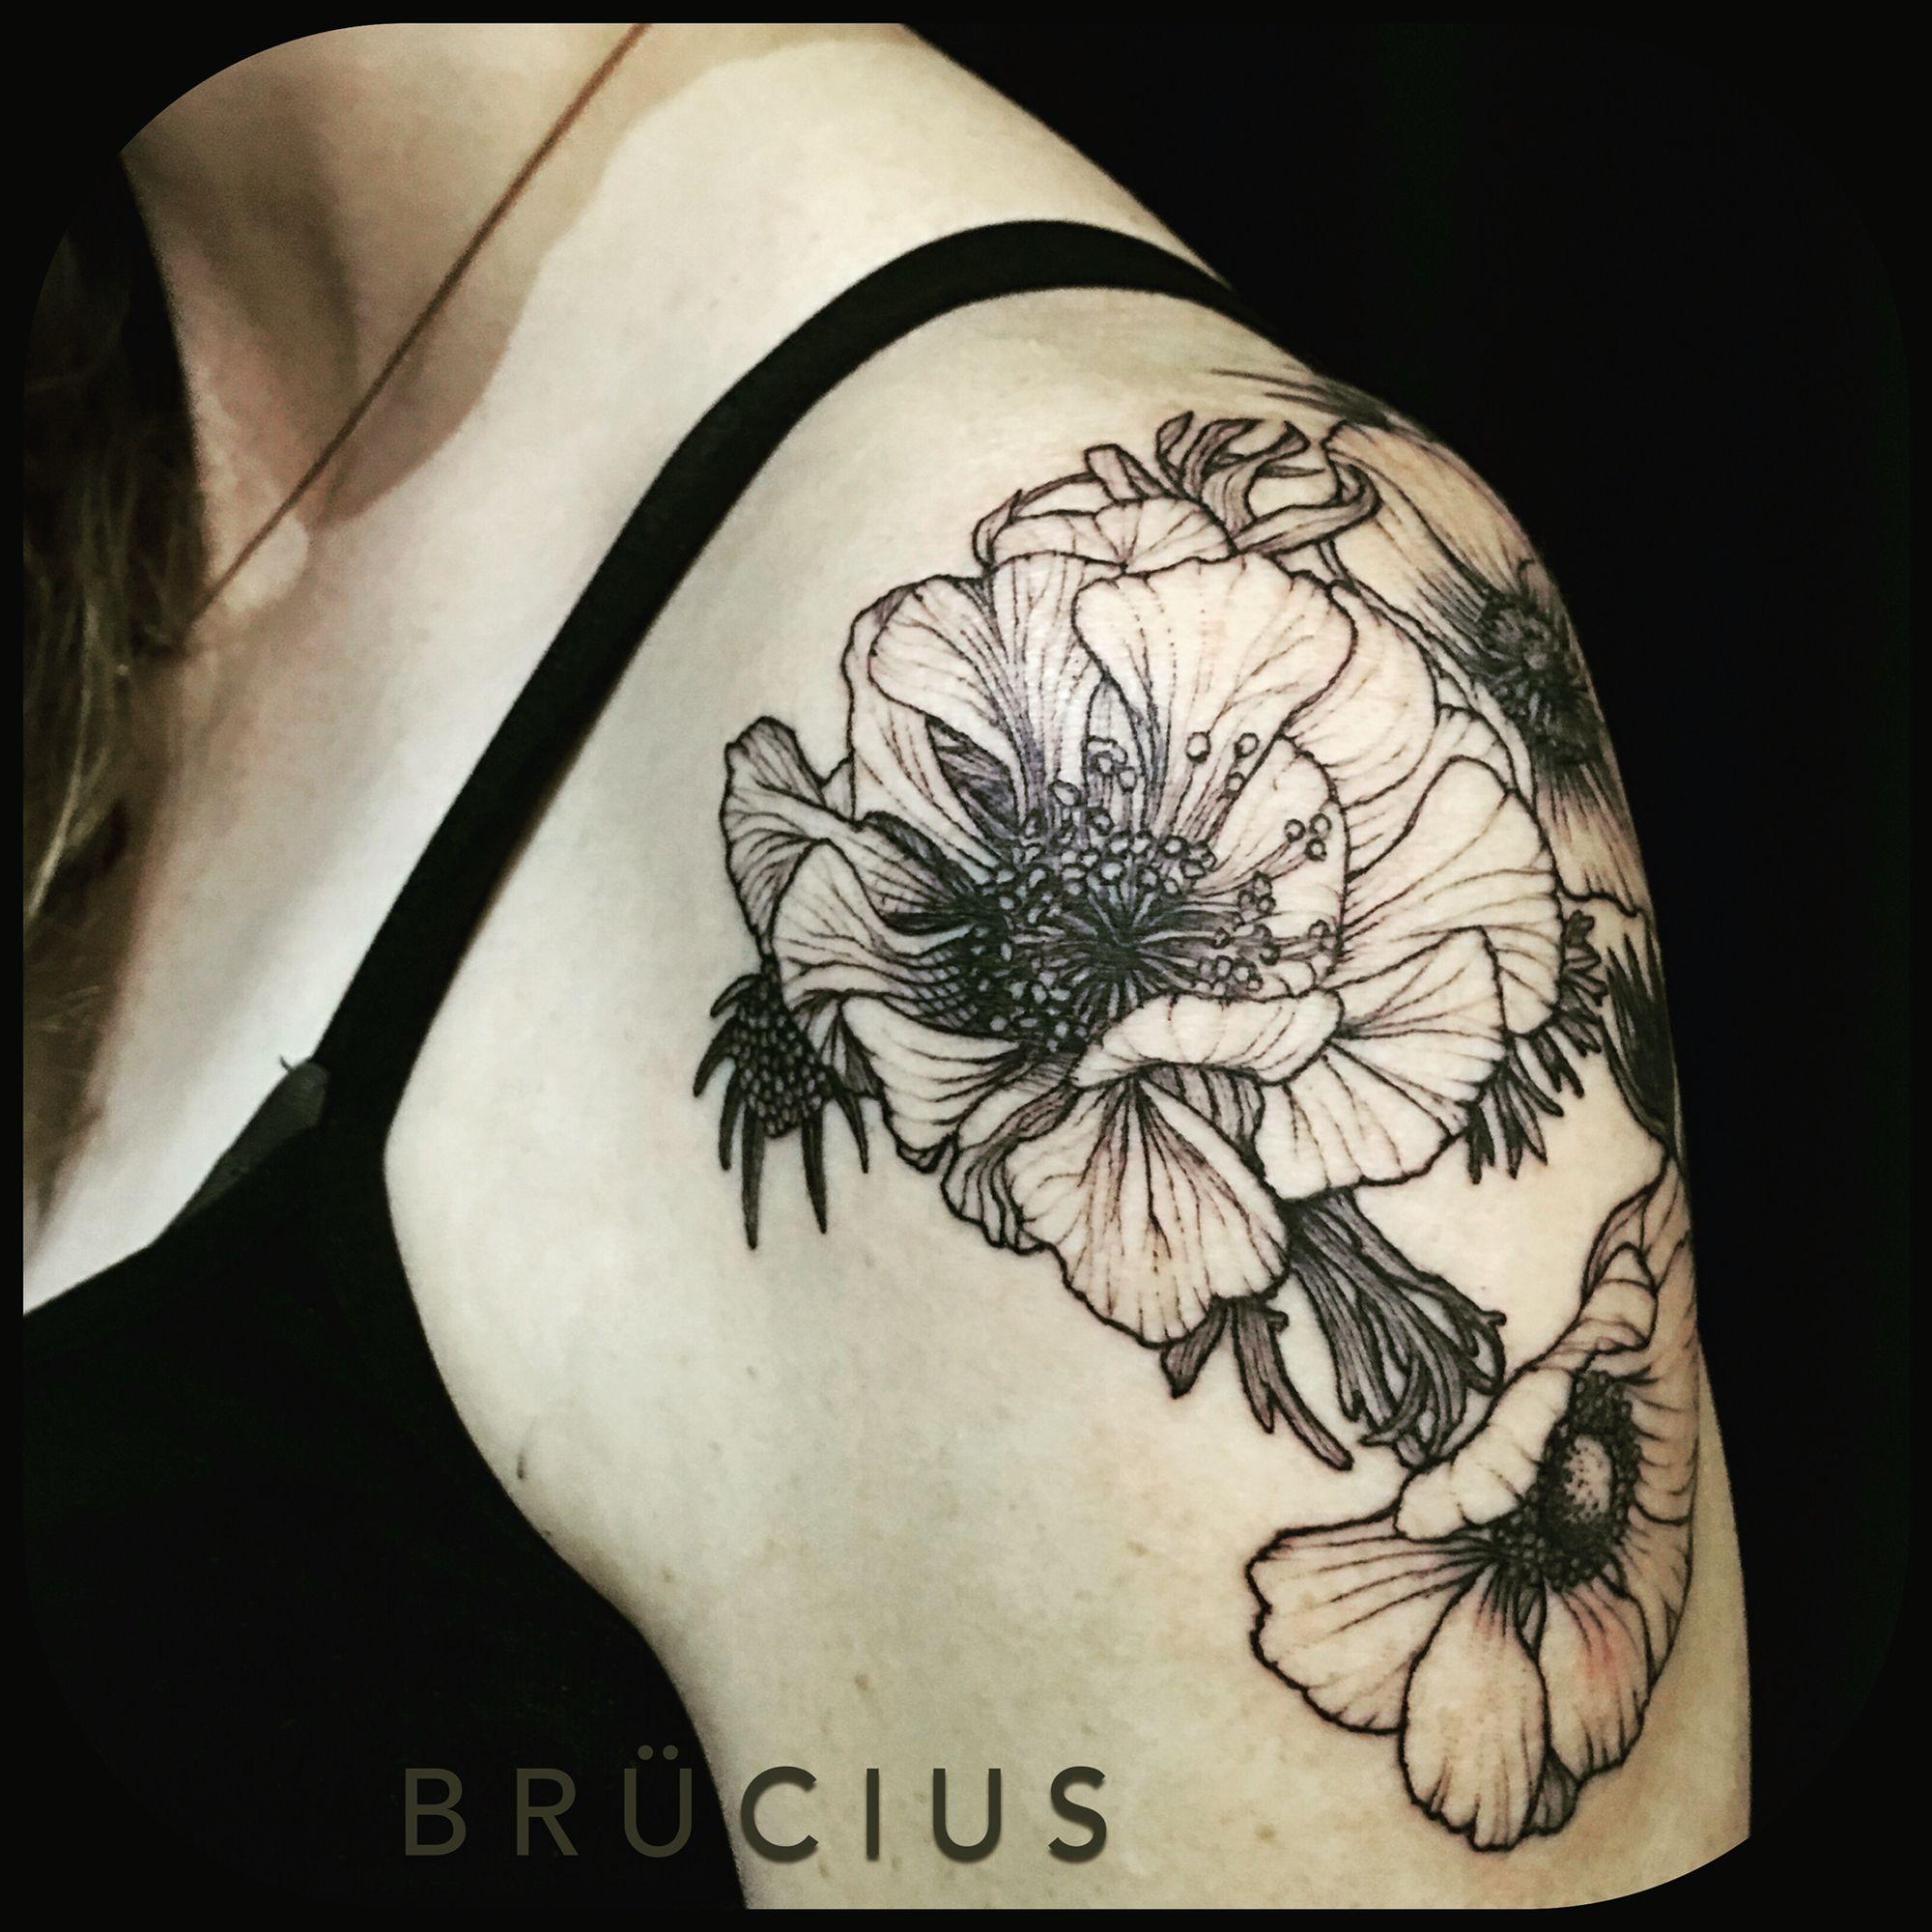 Brucius Tattoo Sanfrancisco Bayarea Brucius Natural Science